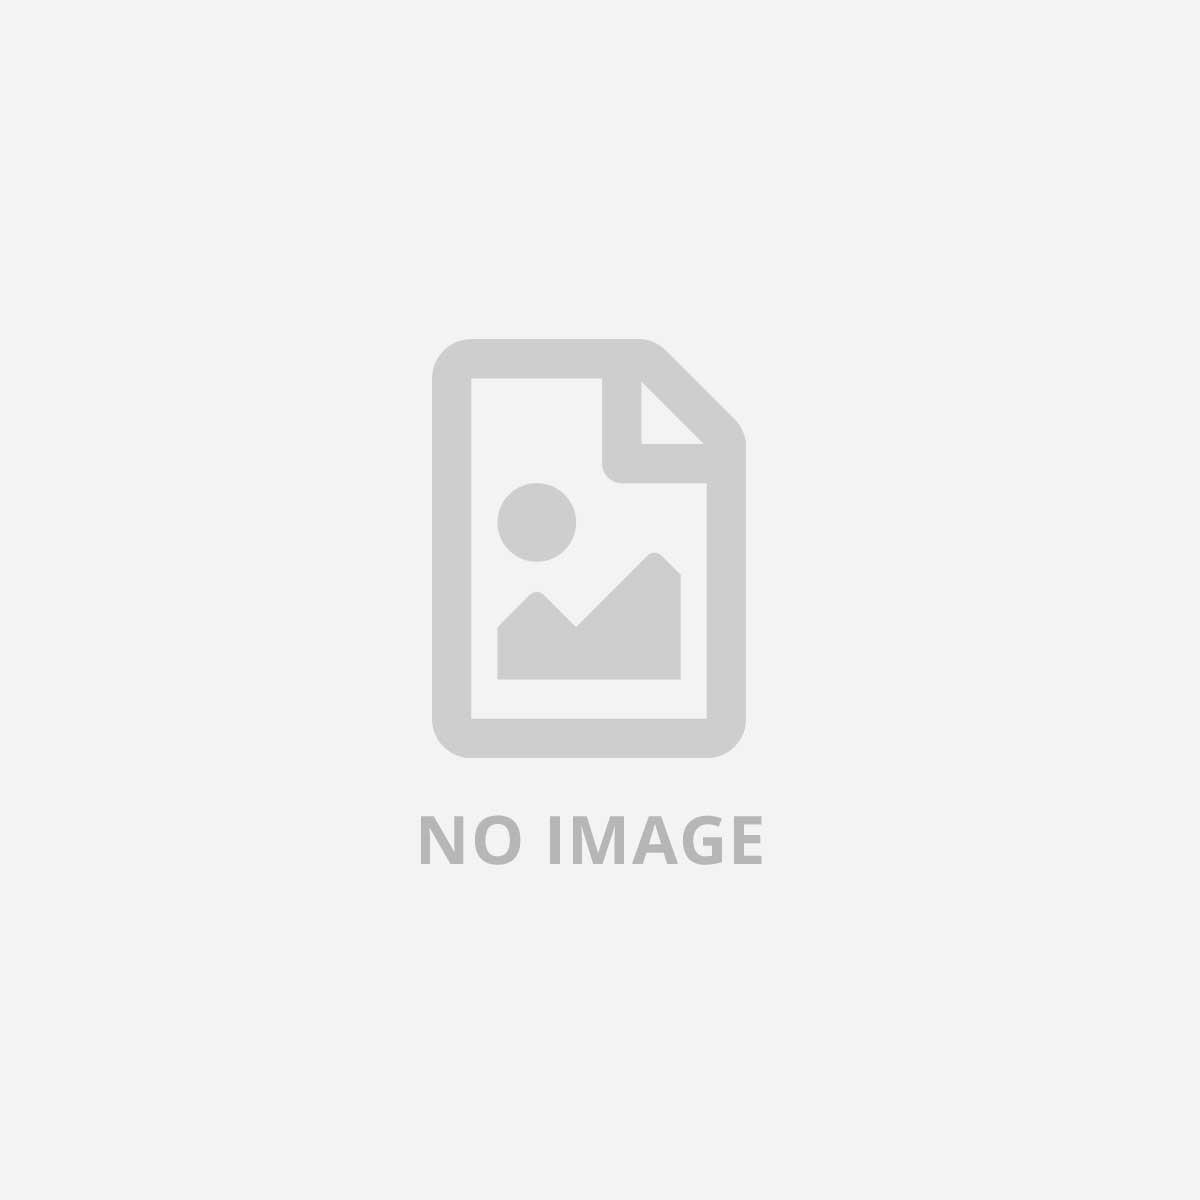 ANTEC ALIMENTATORE VP 500 PC EC 500W 80+